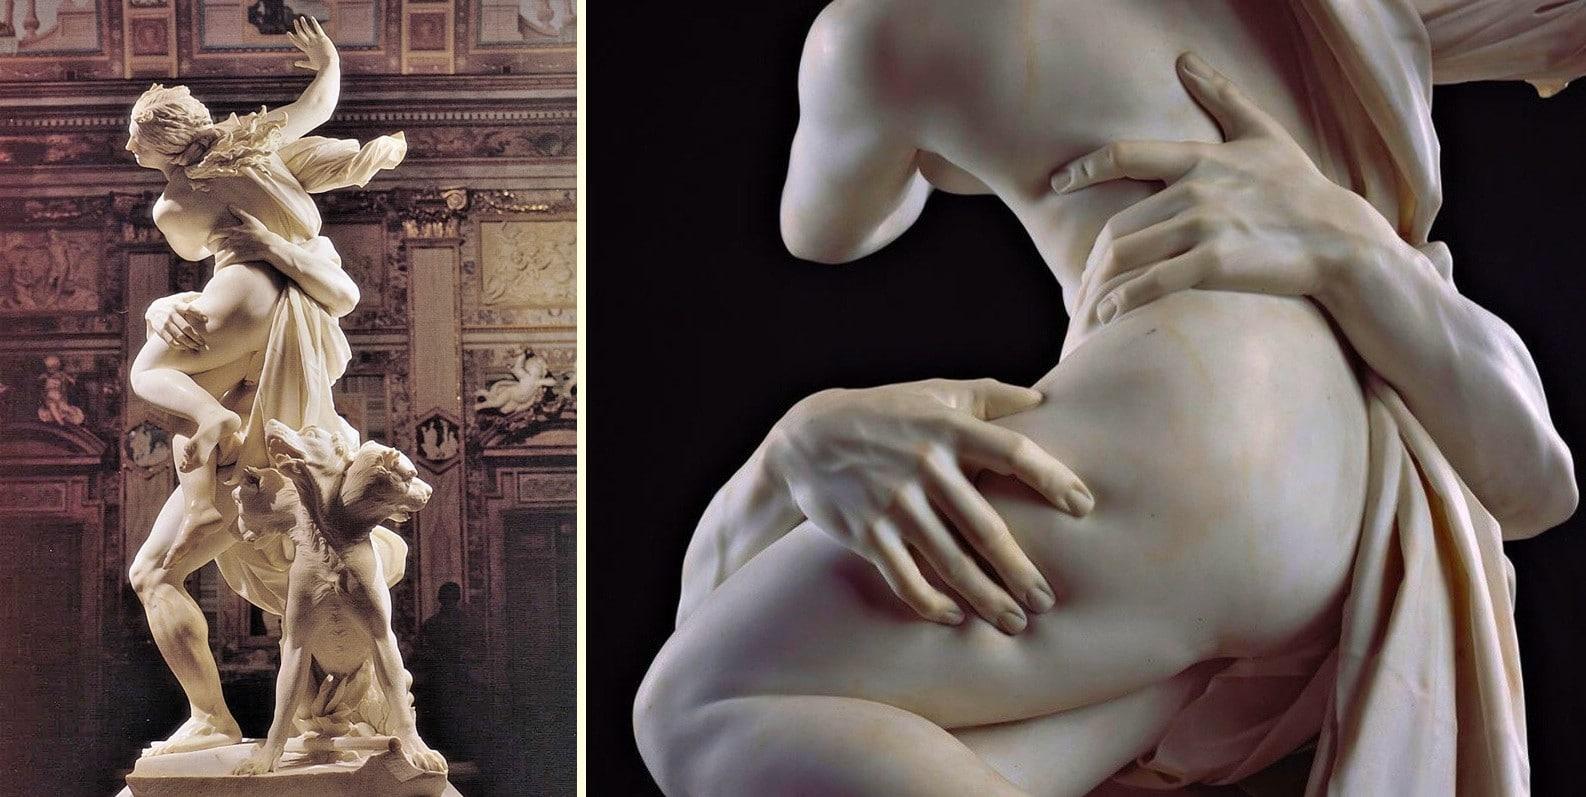 Persephone'nin Kaçırılışı - Borghese Galerisi Rehberi- Müze Biletleri